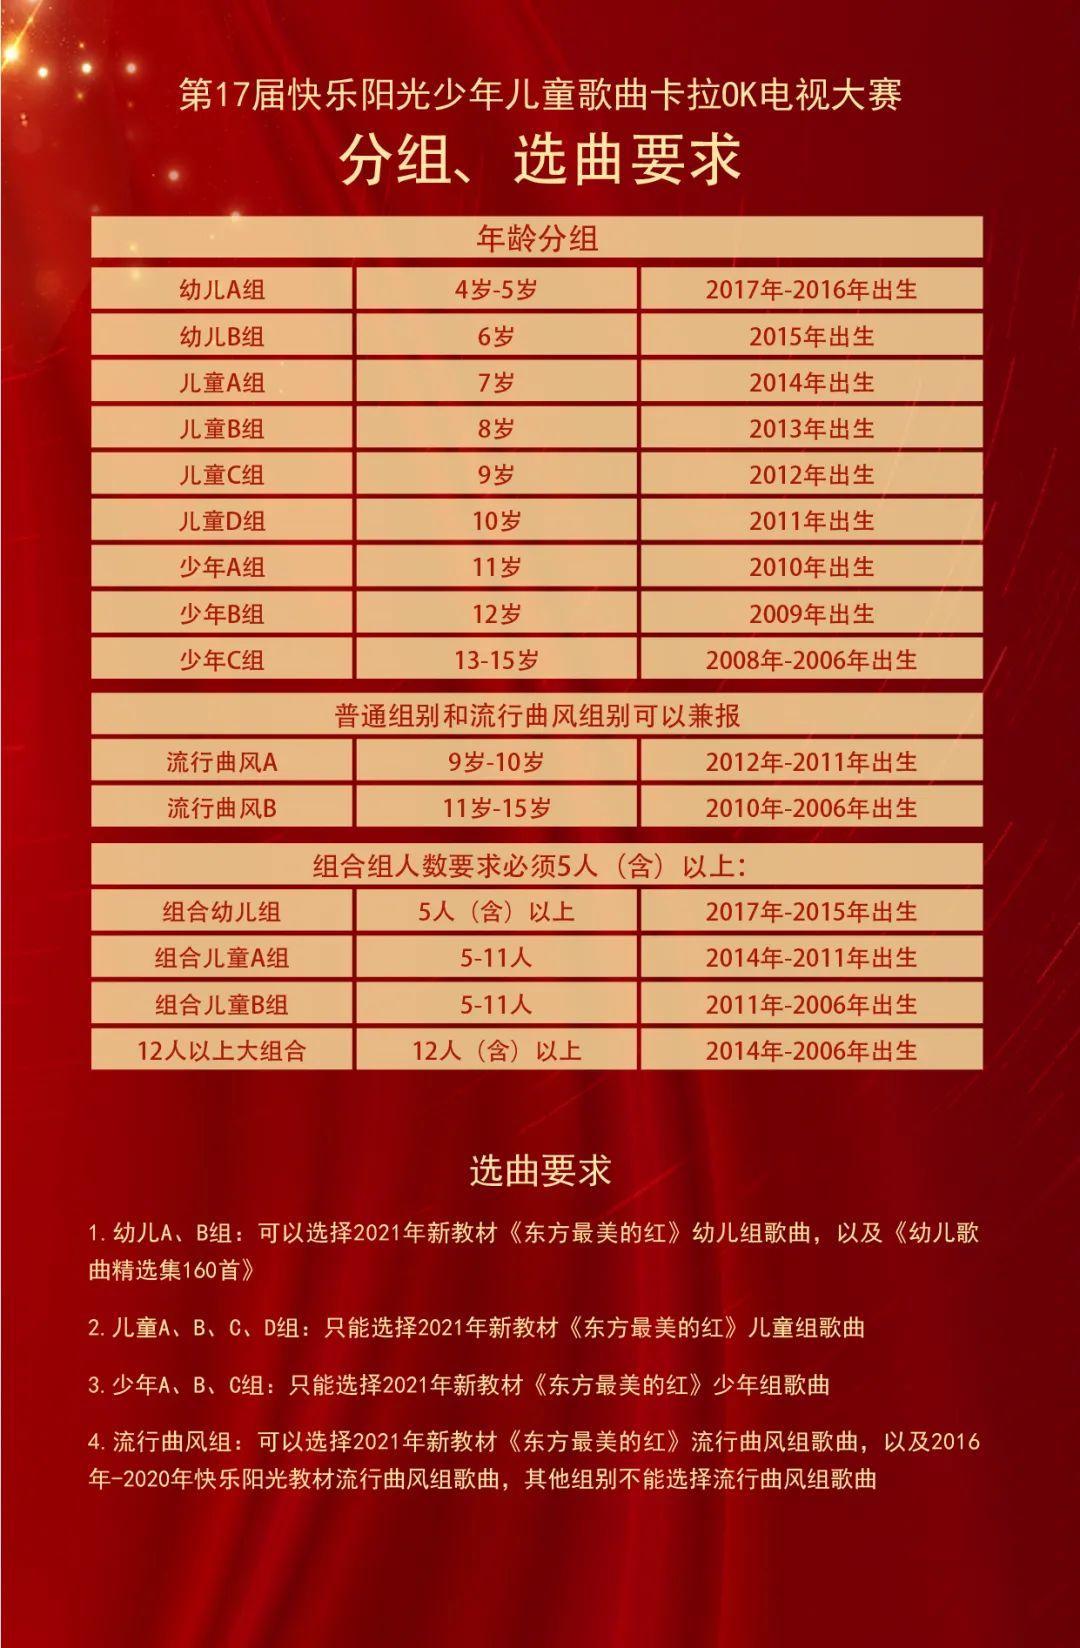 2021快乐阳光【重庆赛区】比赛通知 第7张